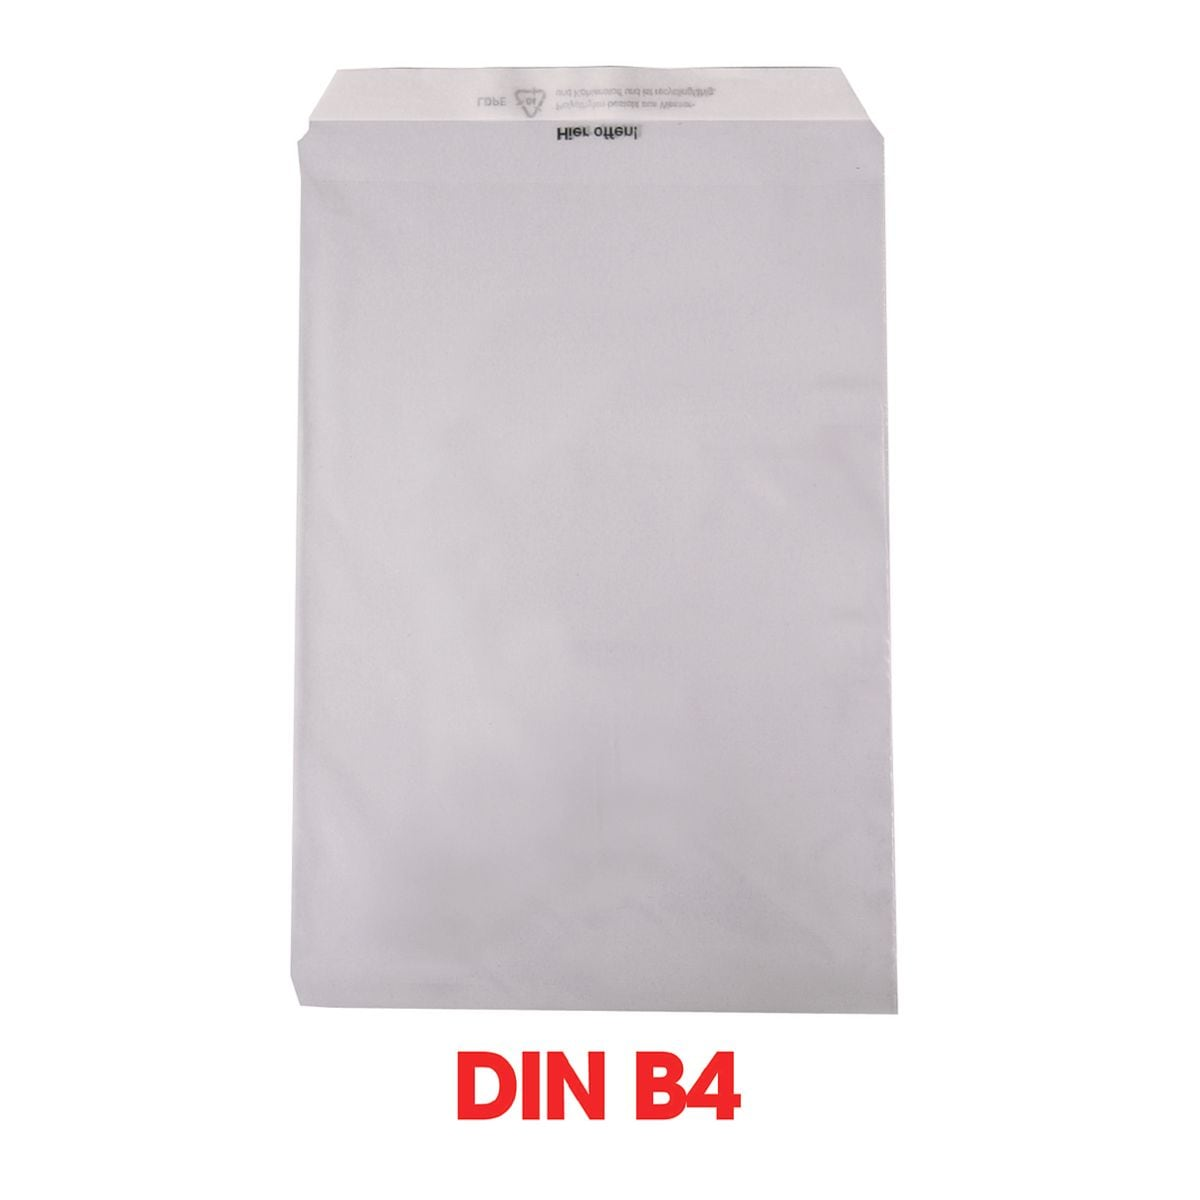 Mailmedia 1000 Pochettes transparentes, B4 50 g/m² sans fenêtre